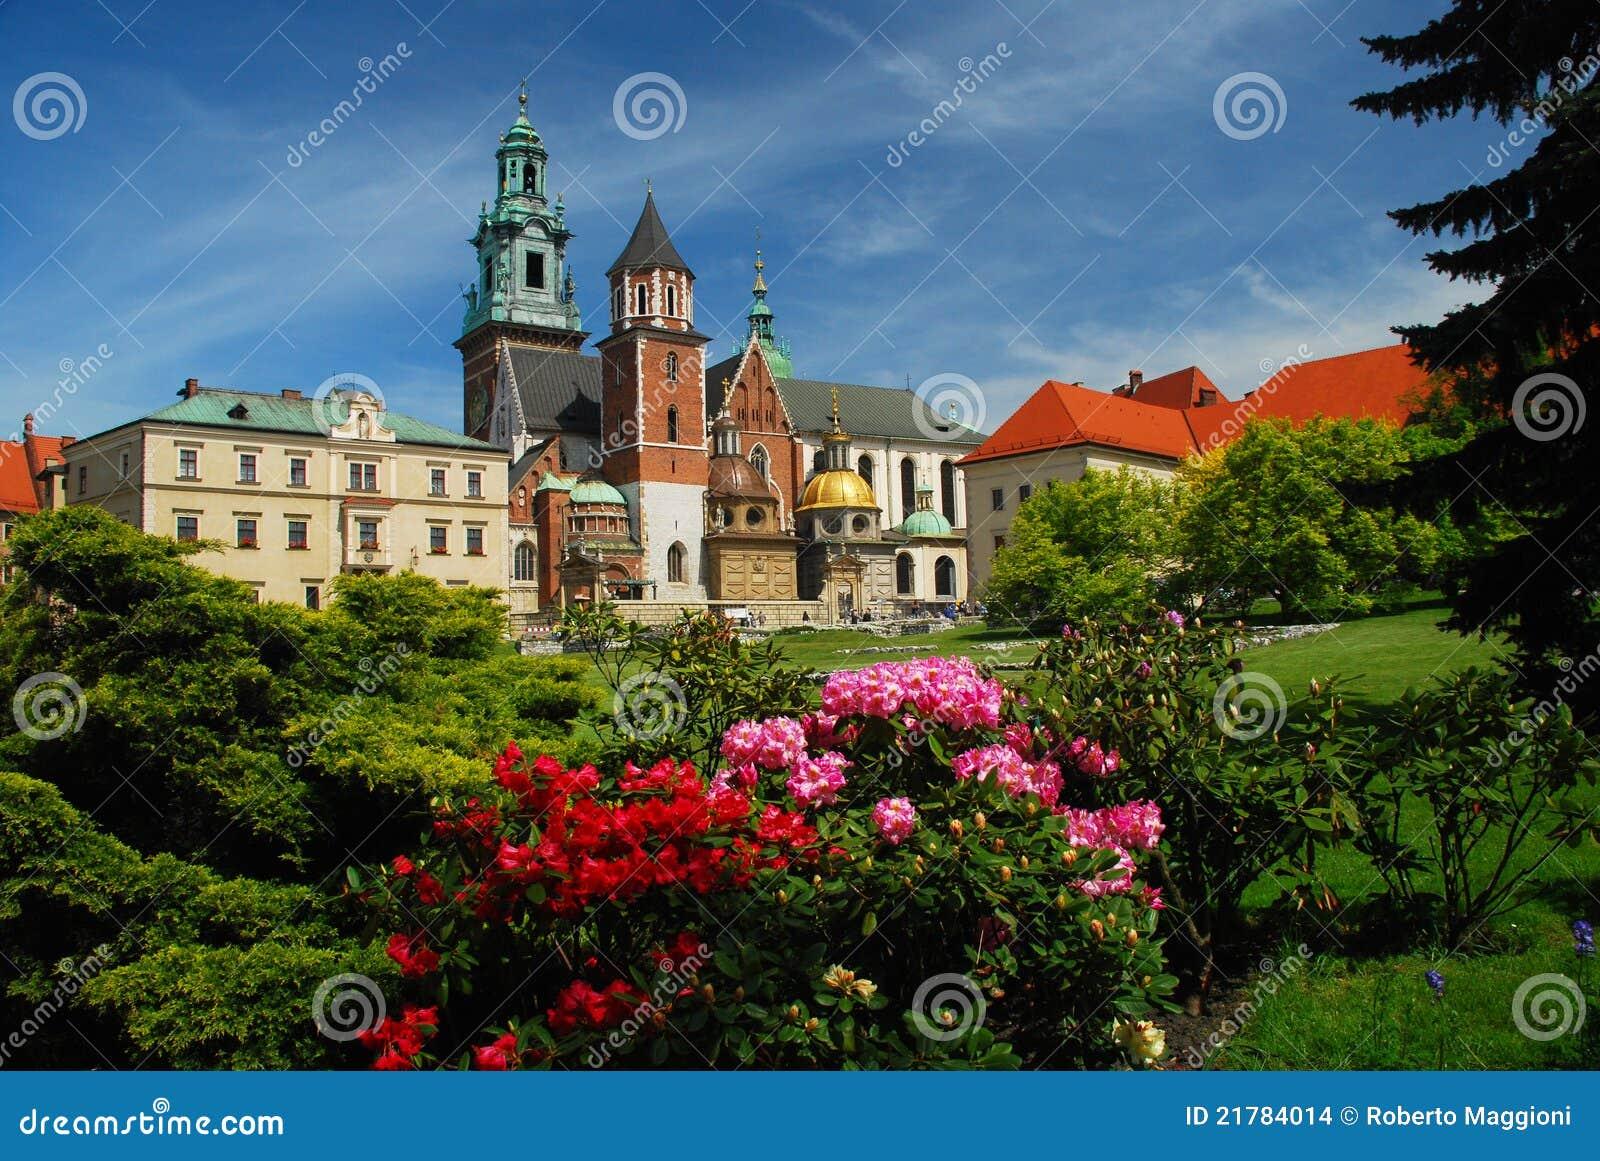 Cracovia, Polonia. Cattedrale e castello di Wawel